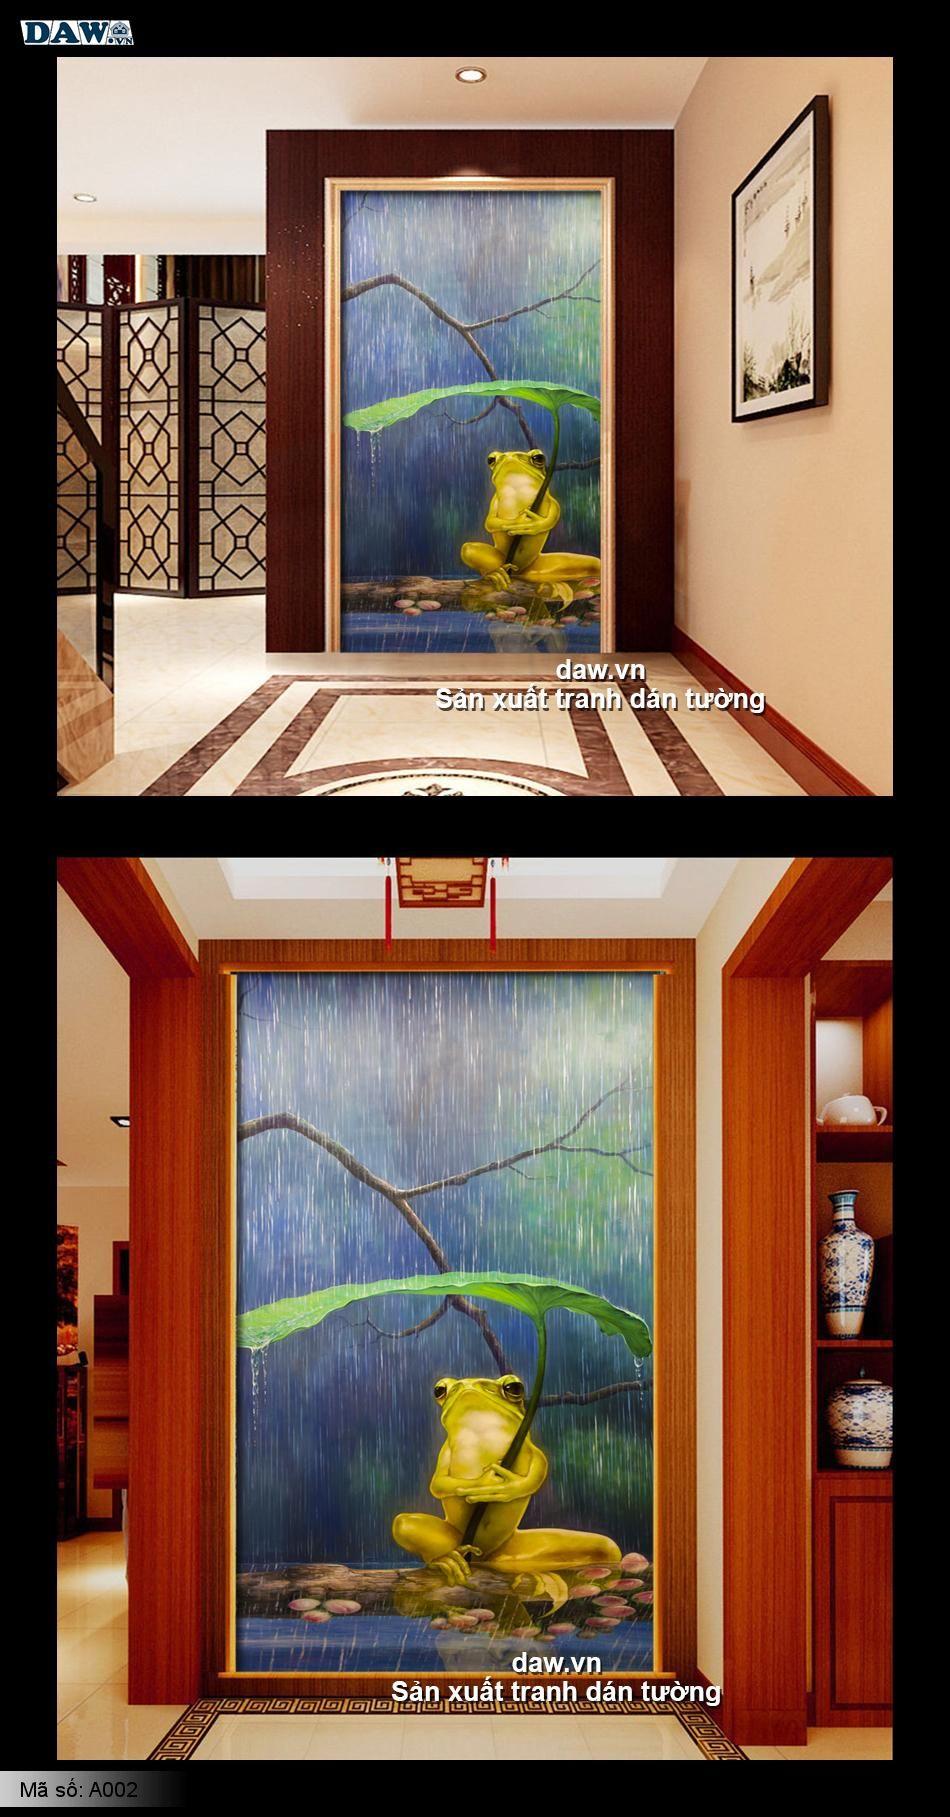 Tranh dán tường 3D, chú ếch cầm lá sen ngồi bên hồ nướ dưới mua, tranh dán tường lãng mạn A002